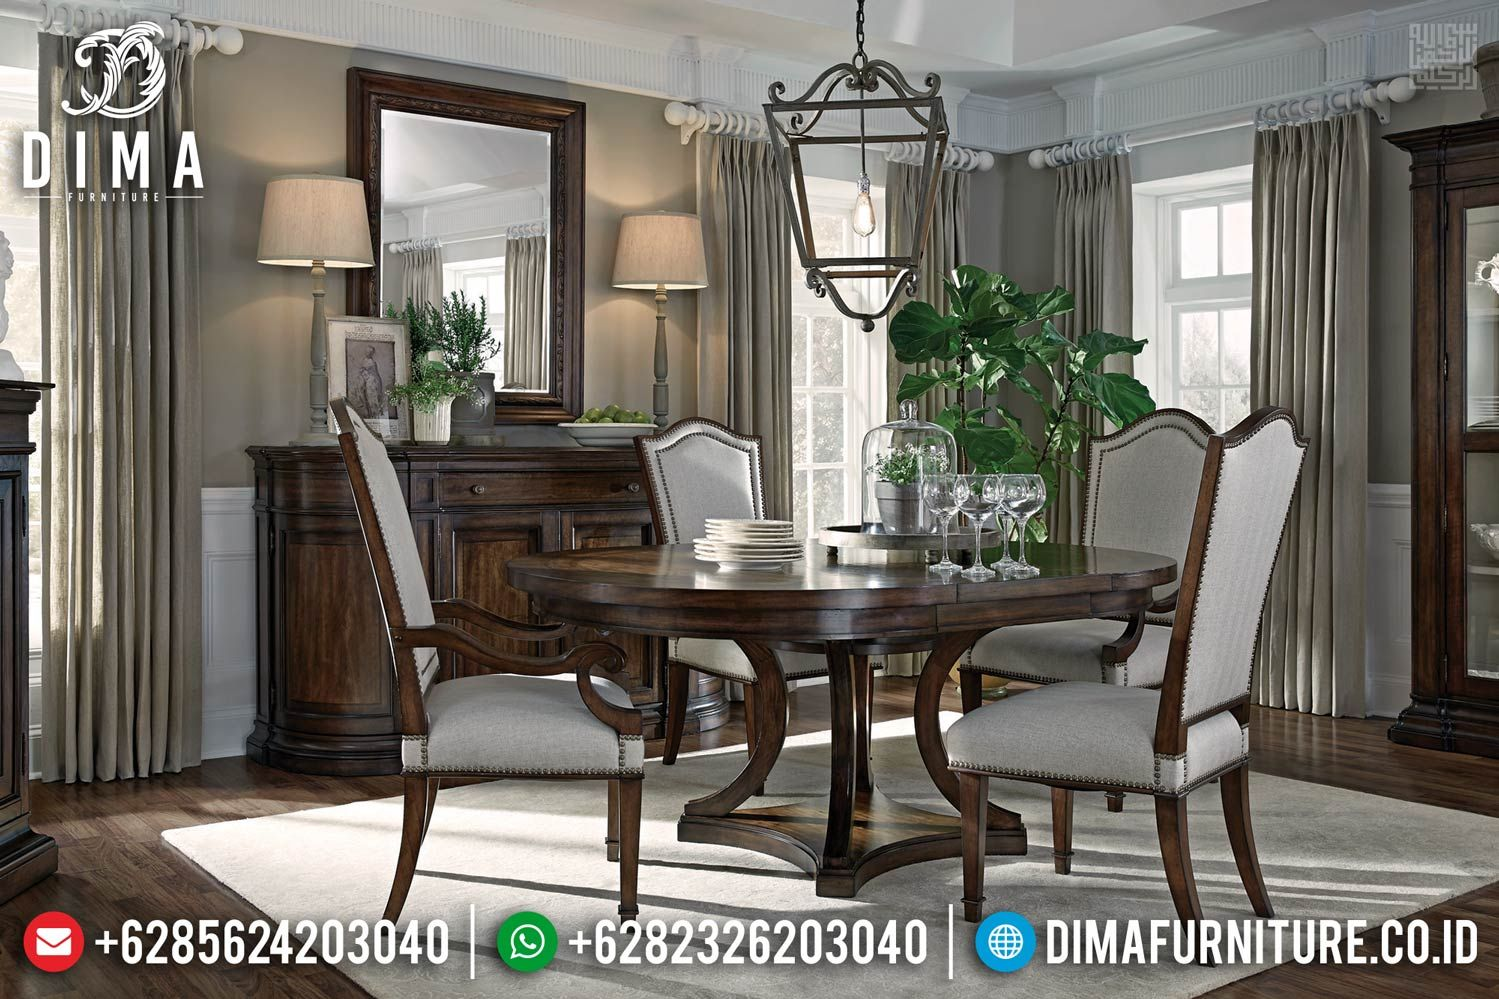 New Minimalis Furniture Jepara Set Meja Makan Jati Rahmazie Df